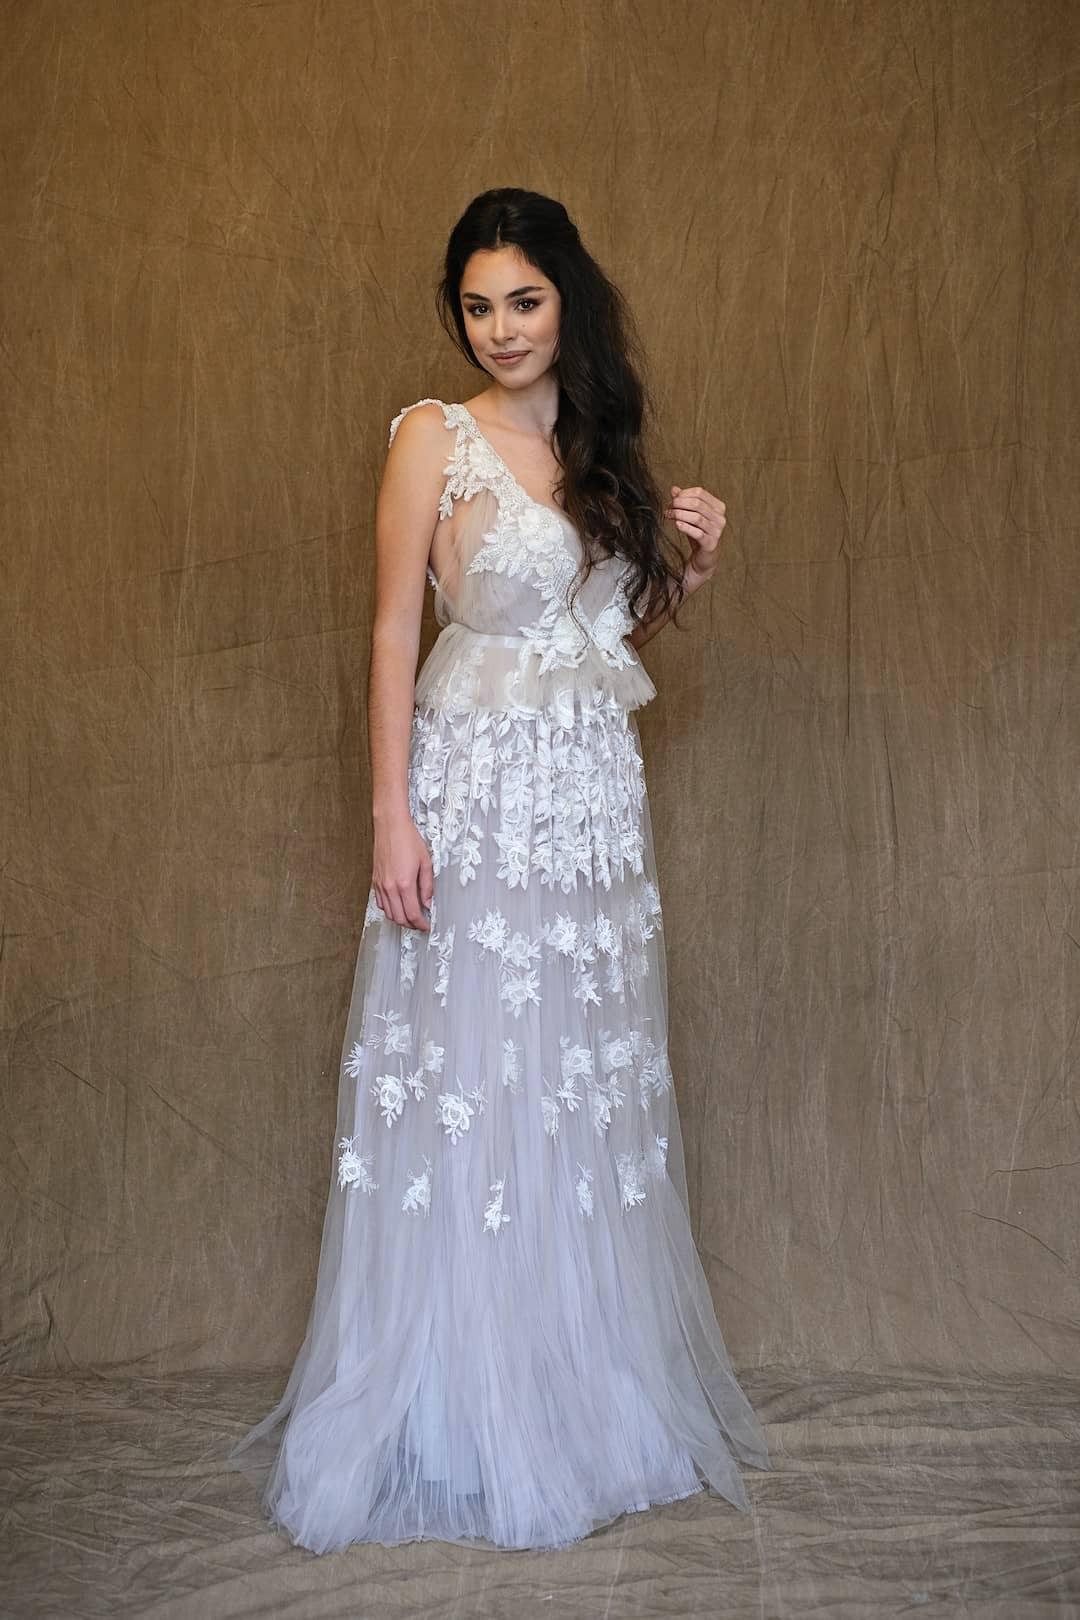 Romantisches Hochzeitskleid - Marco&Maria - 2017-1018 - front